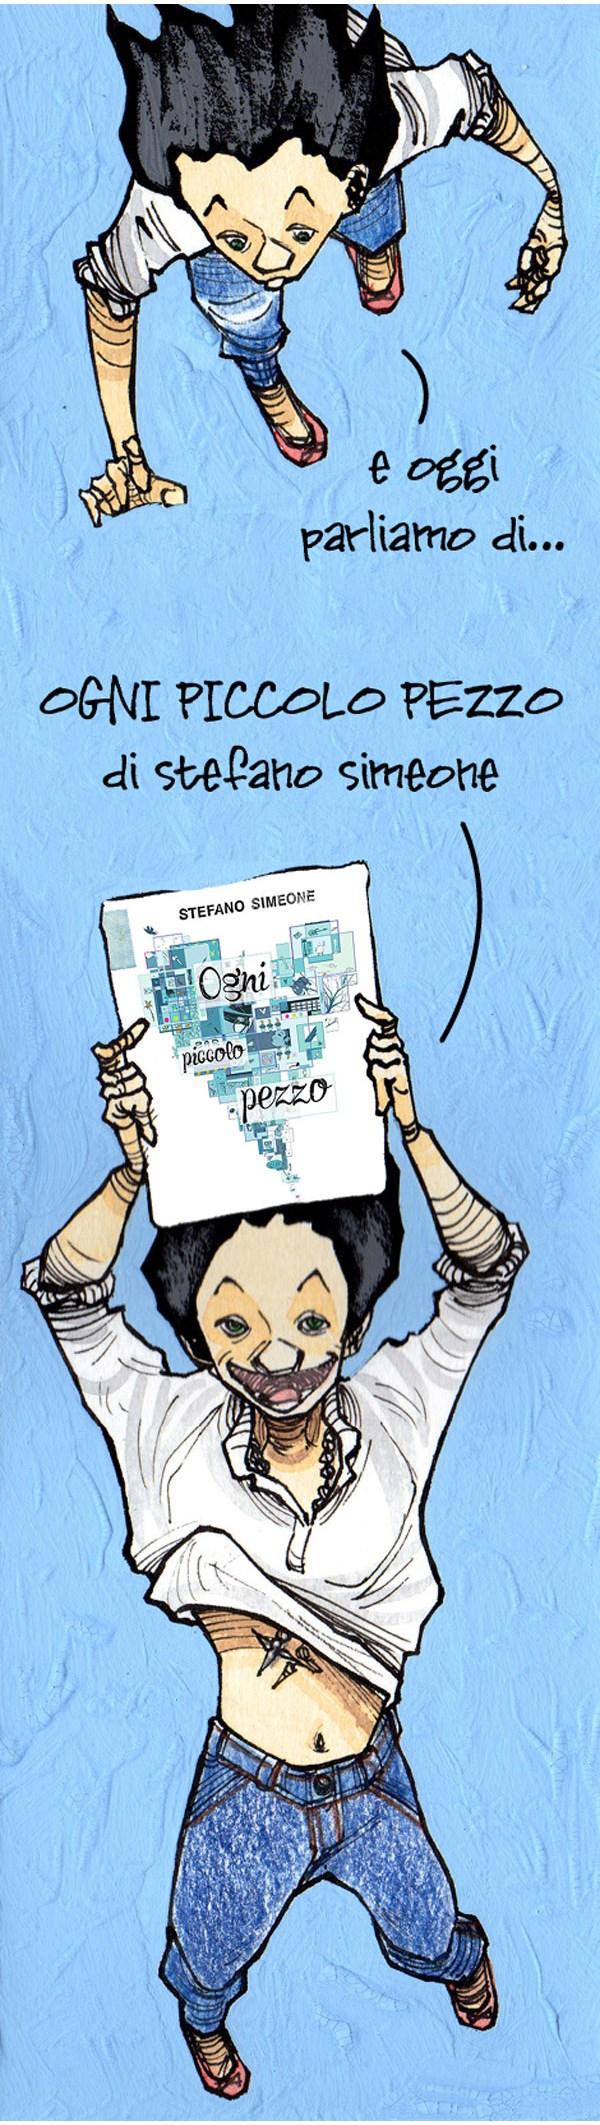 MabelMorri_OPP_02_Recensioni A fumetti